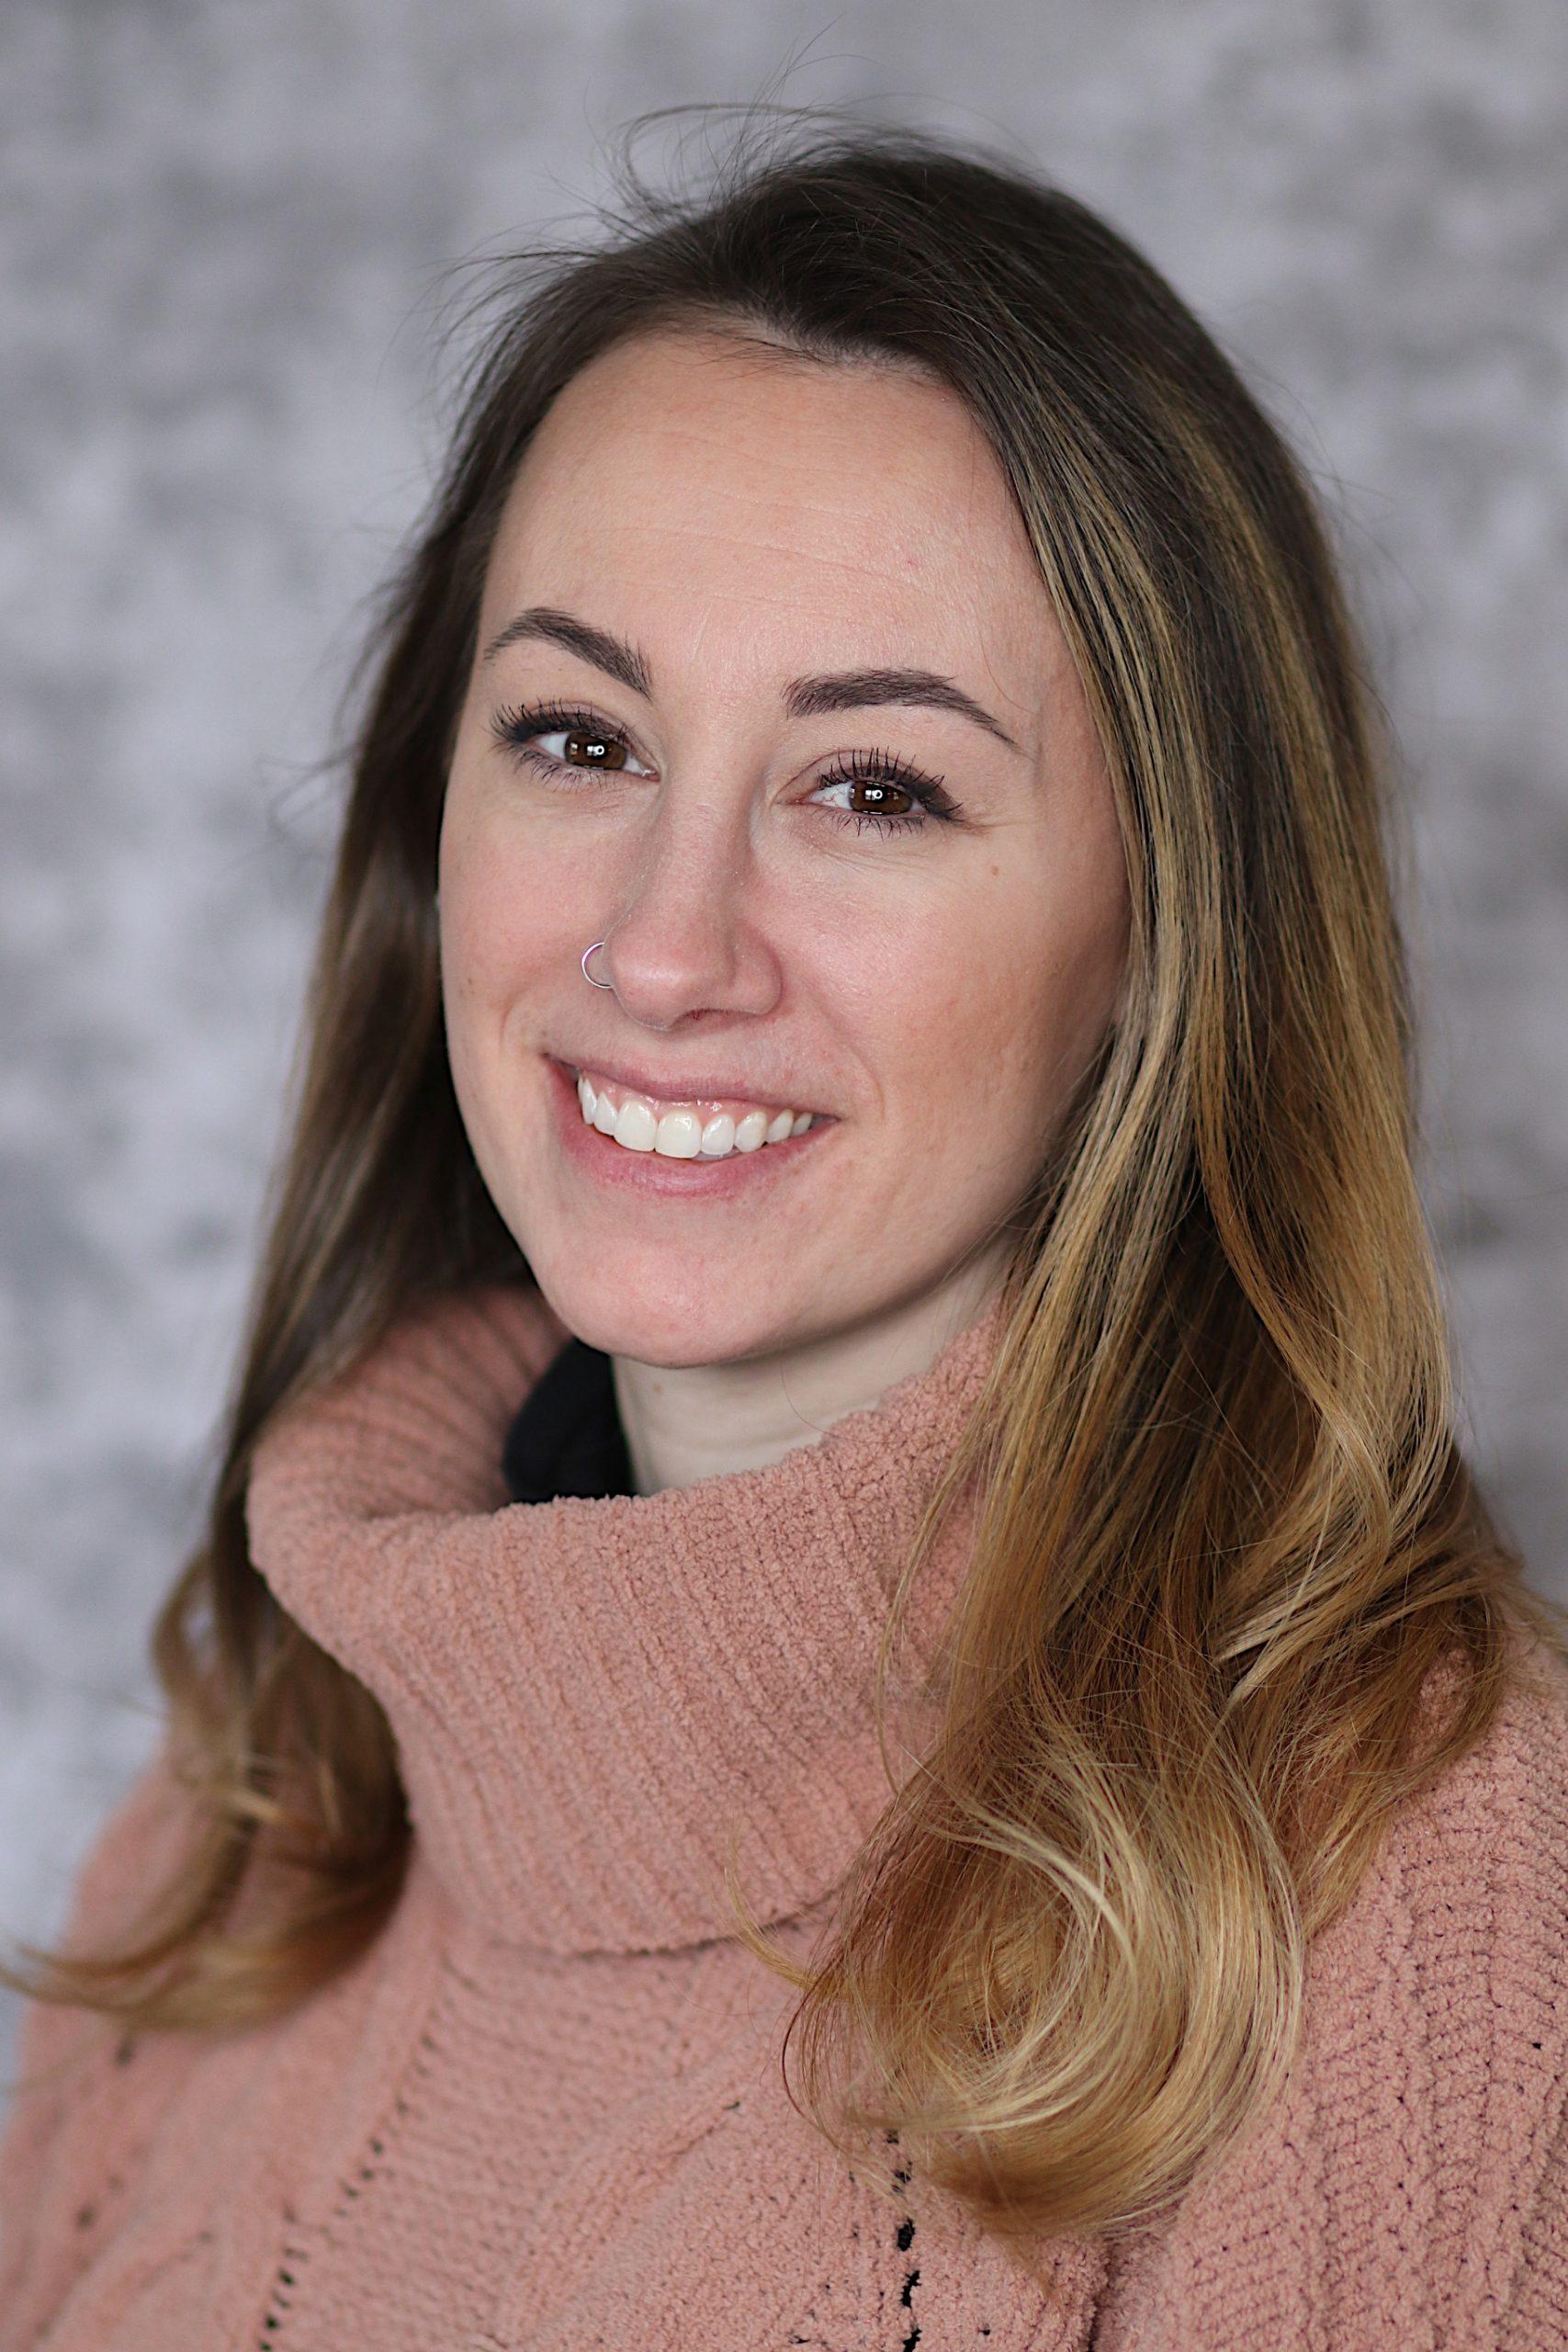 Megan Pascetta